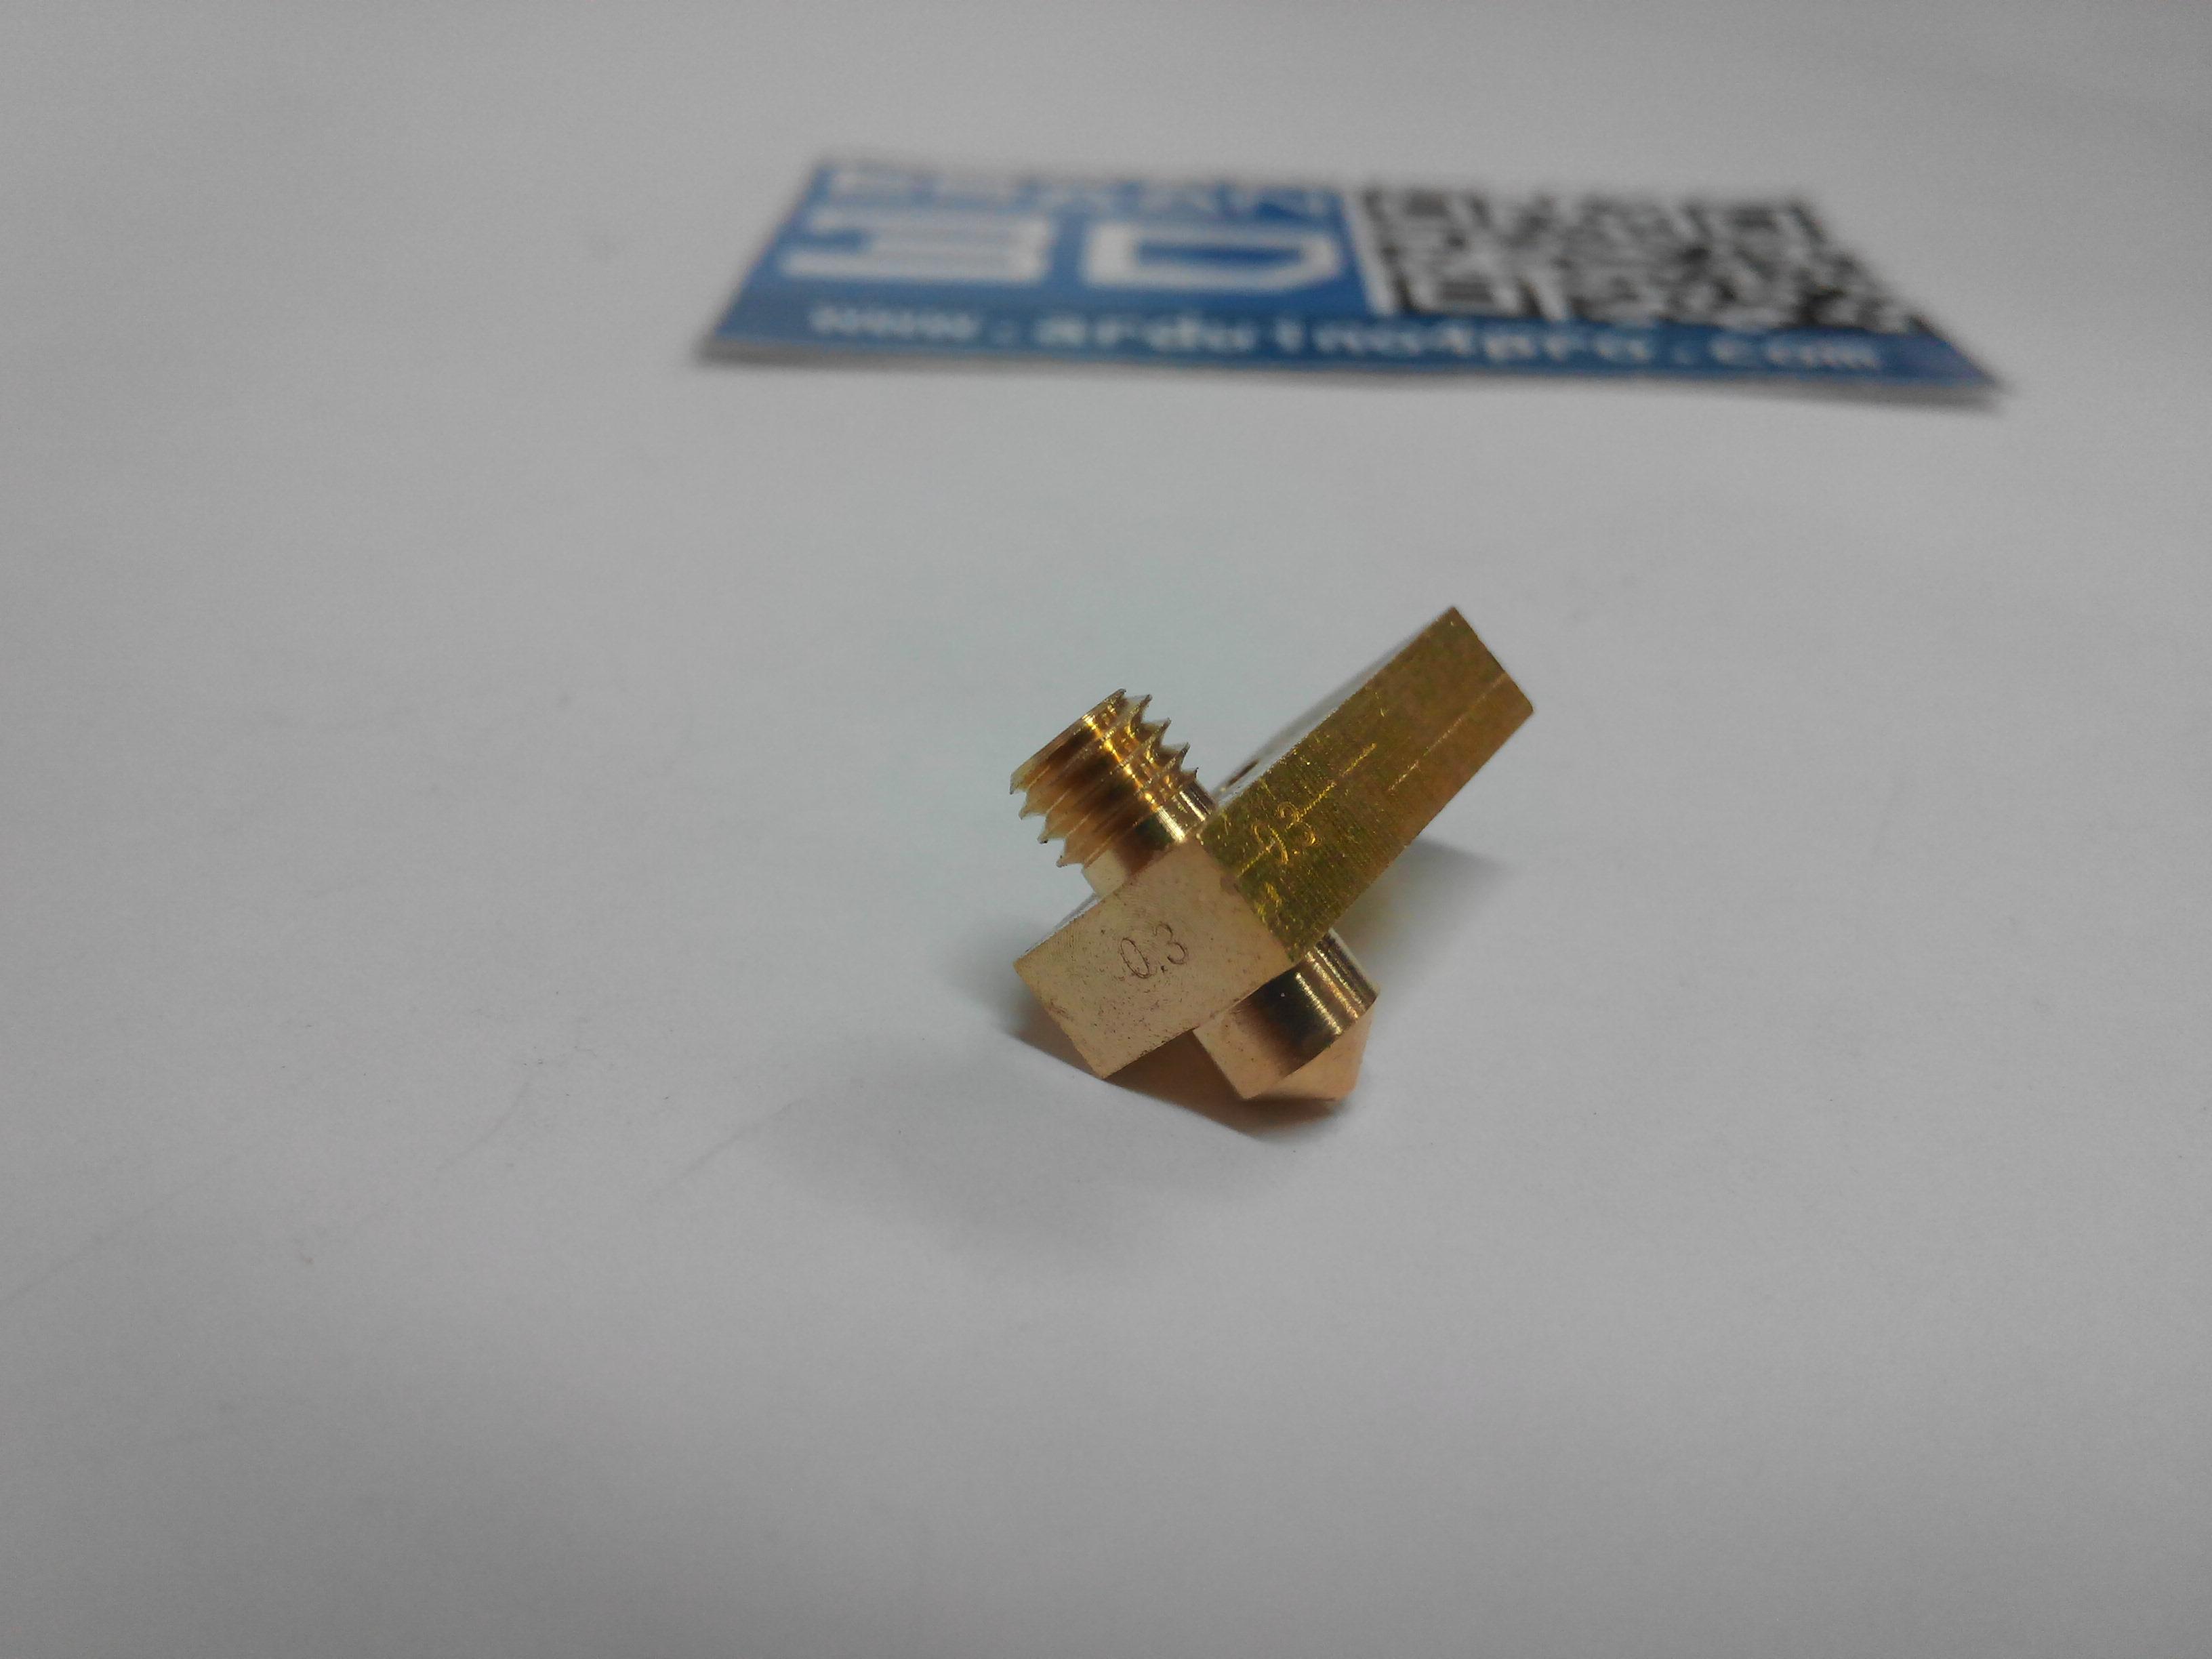 0.3mm Nozzle + Heatblock for Ultimaker 2